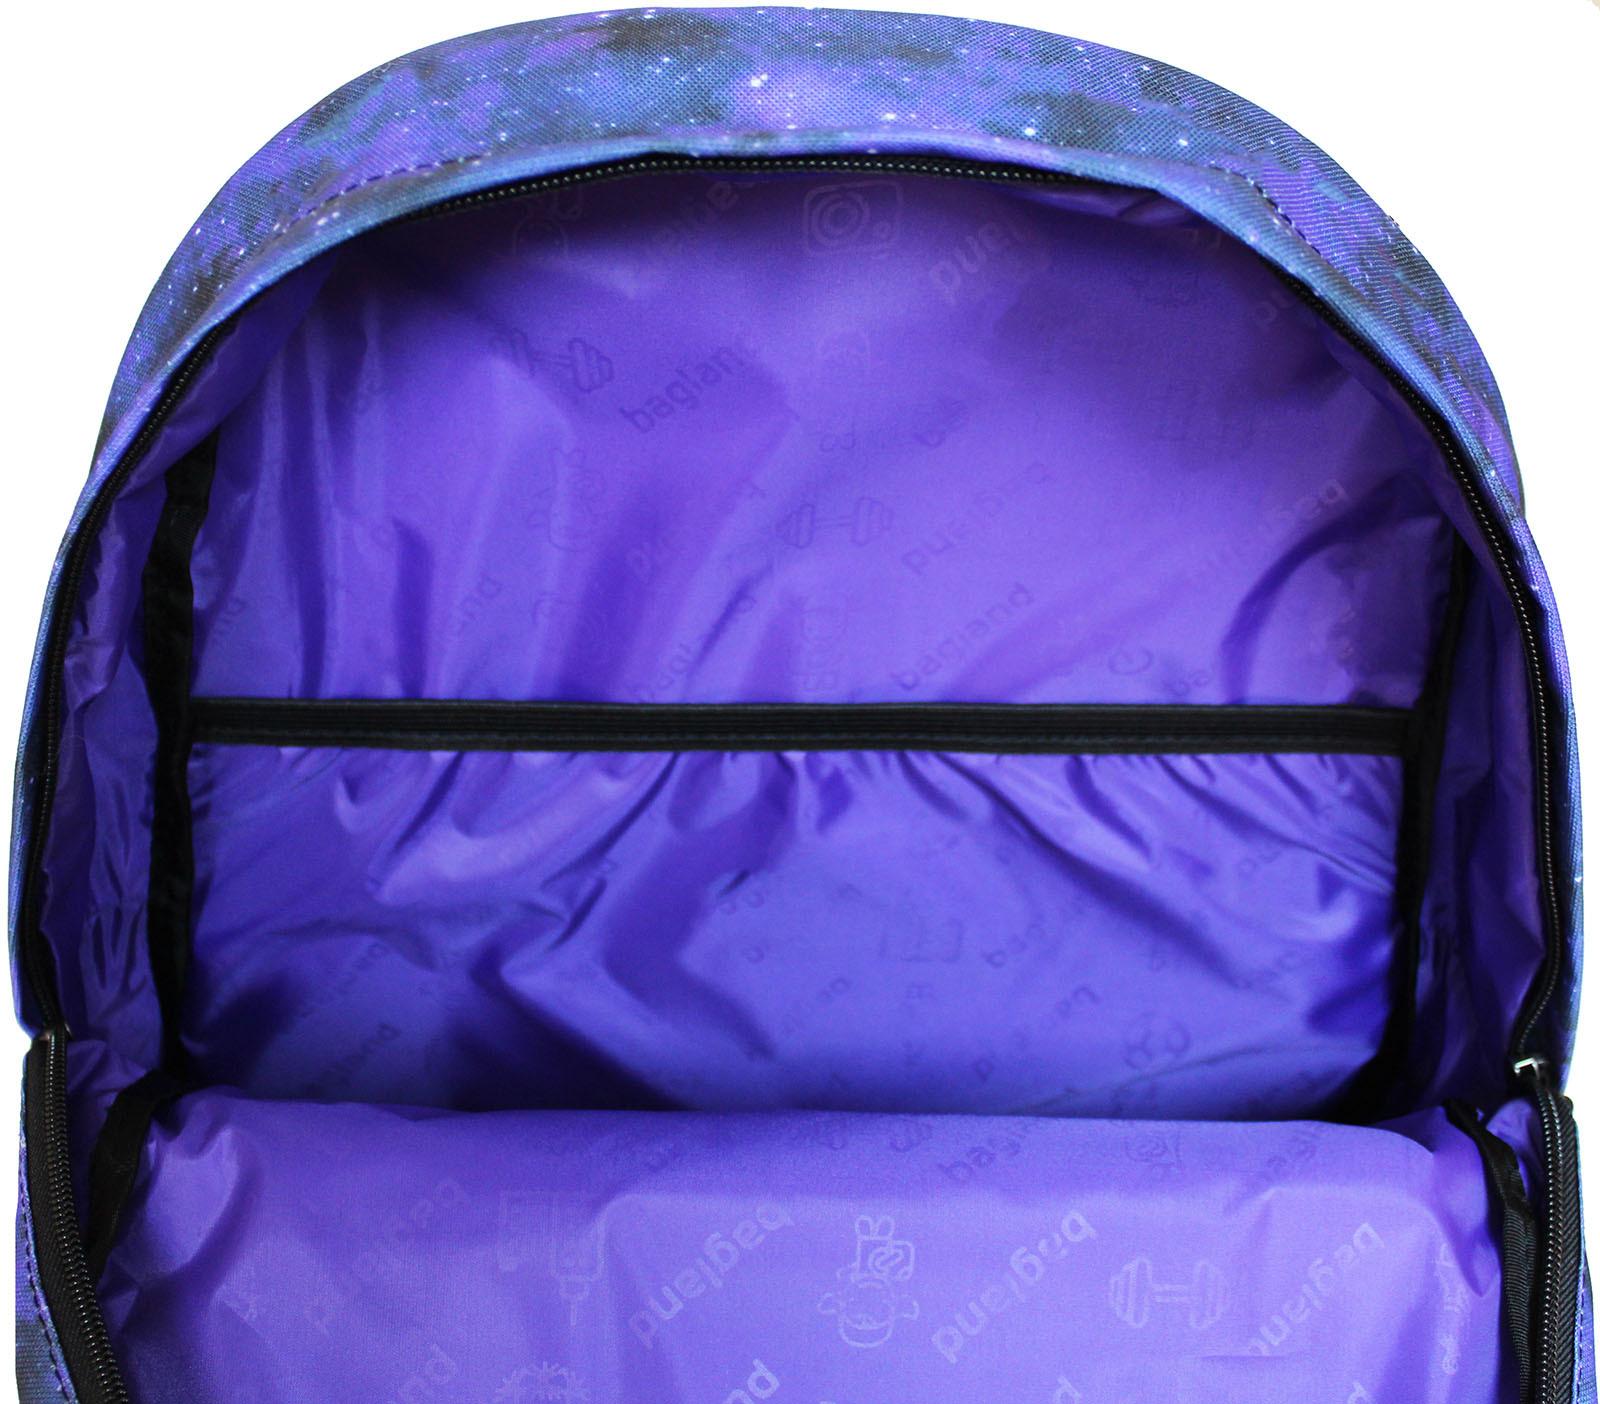 Рюкзак Bagland Молодежный (дизайн) 17 л. сублимация (космос) (00533664)